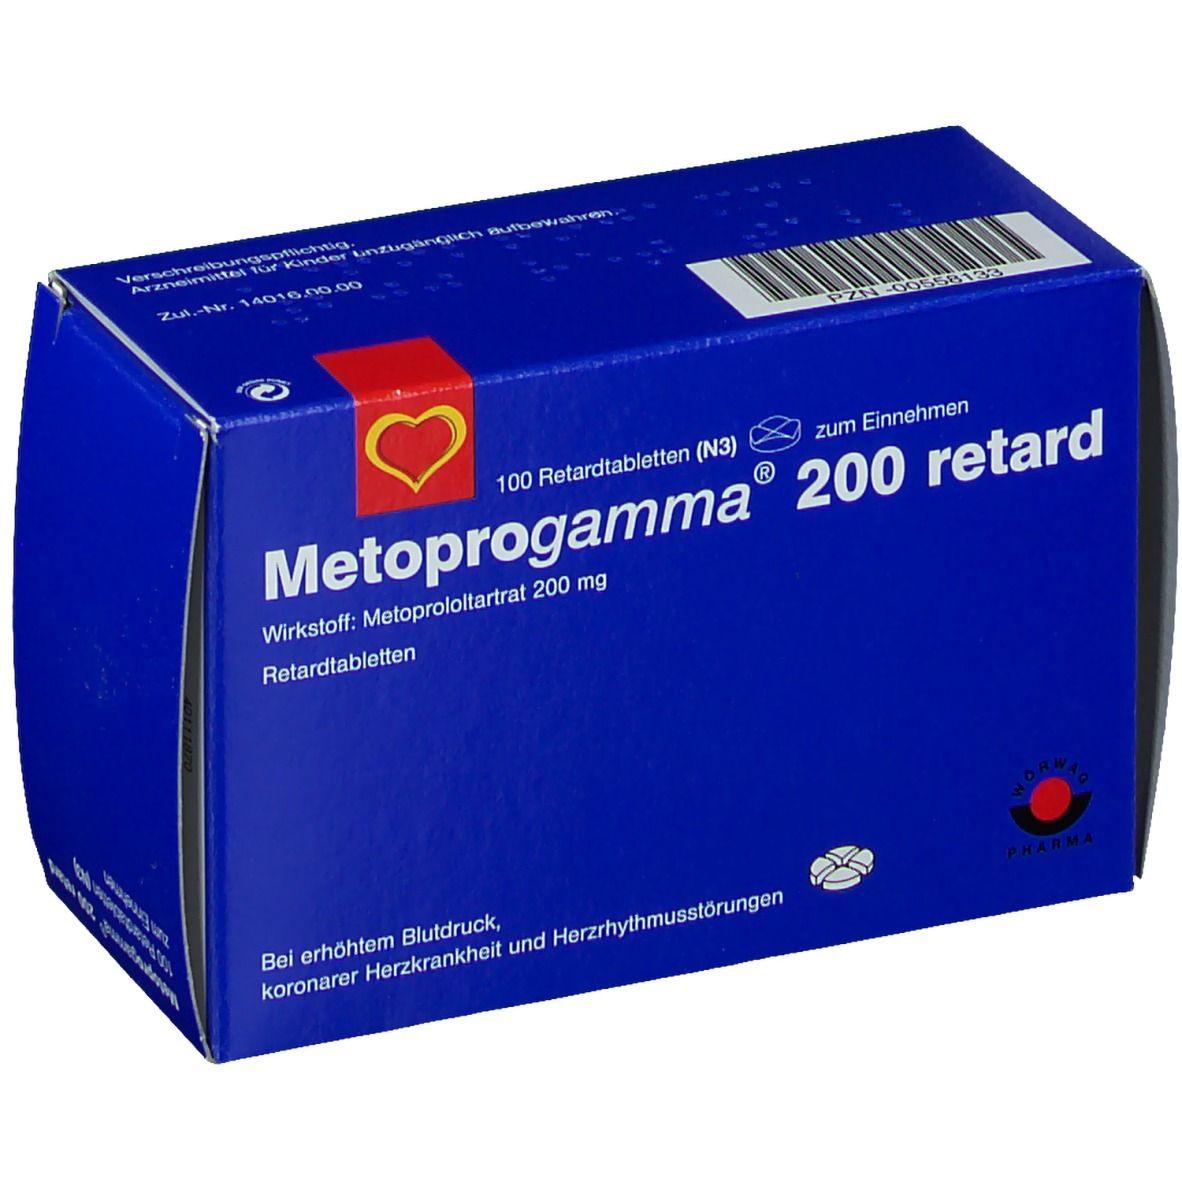 Metoprogamma 200 Retardtabletten